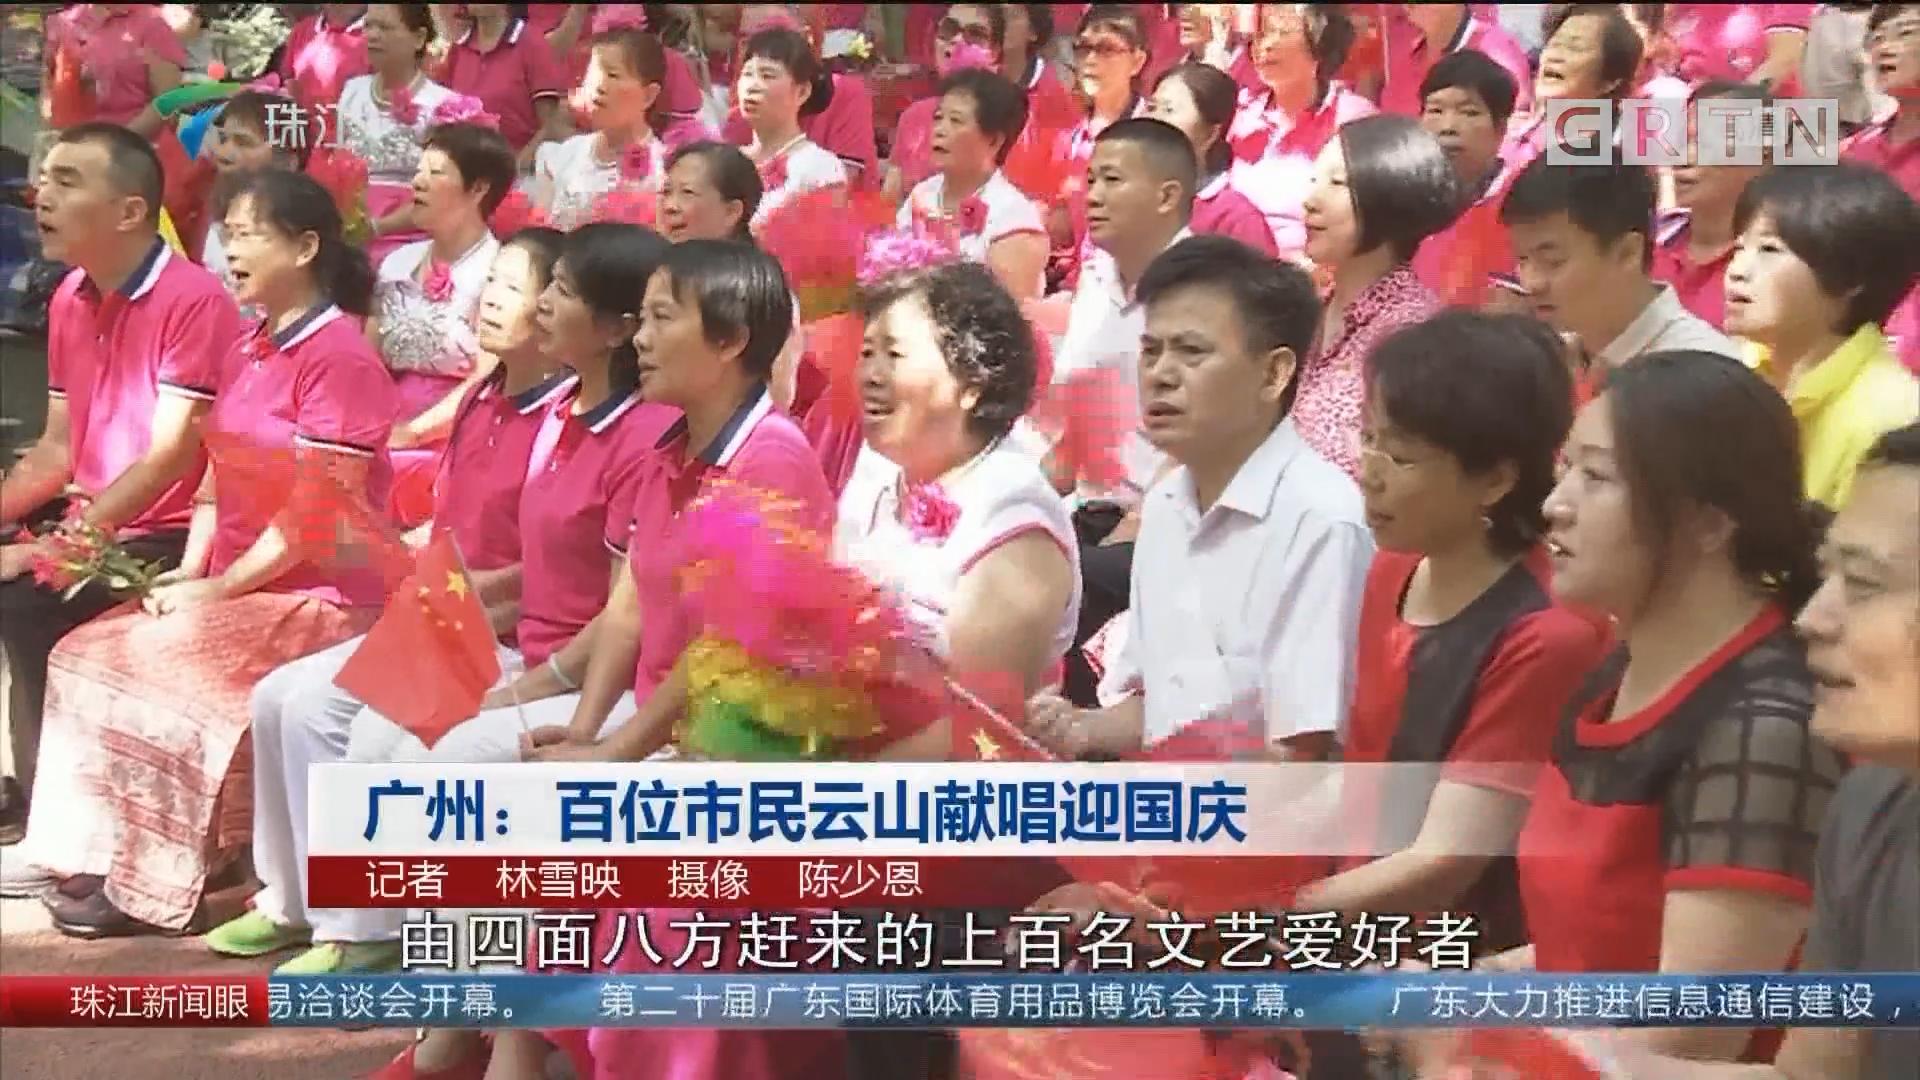 广州:百位市民云山献唱迎国庆